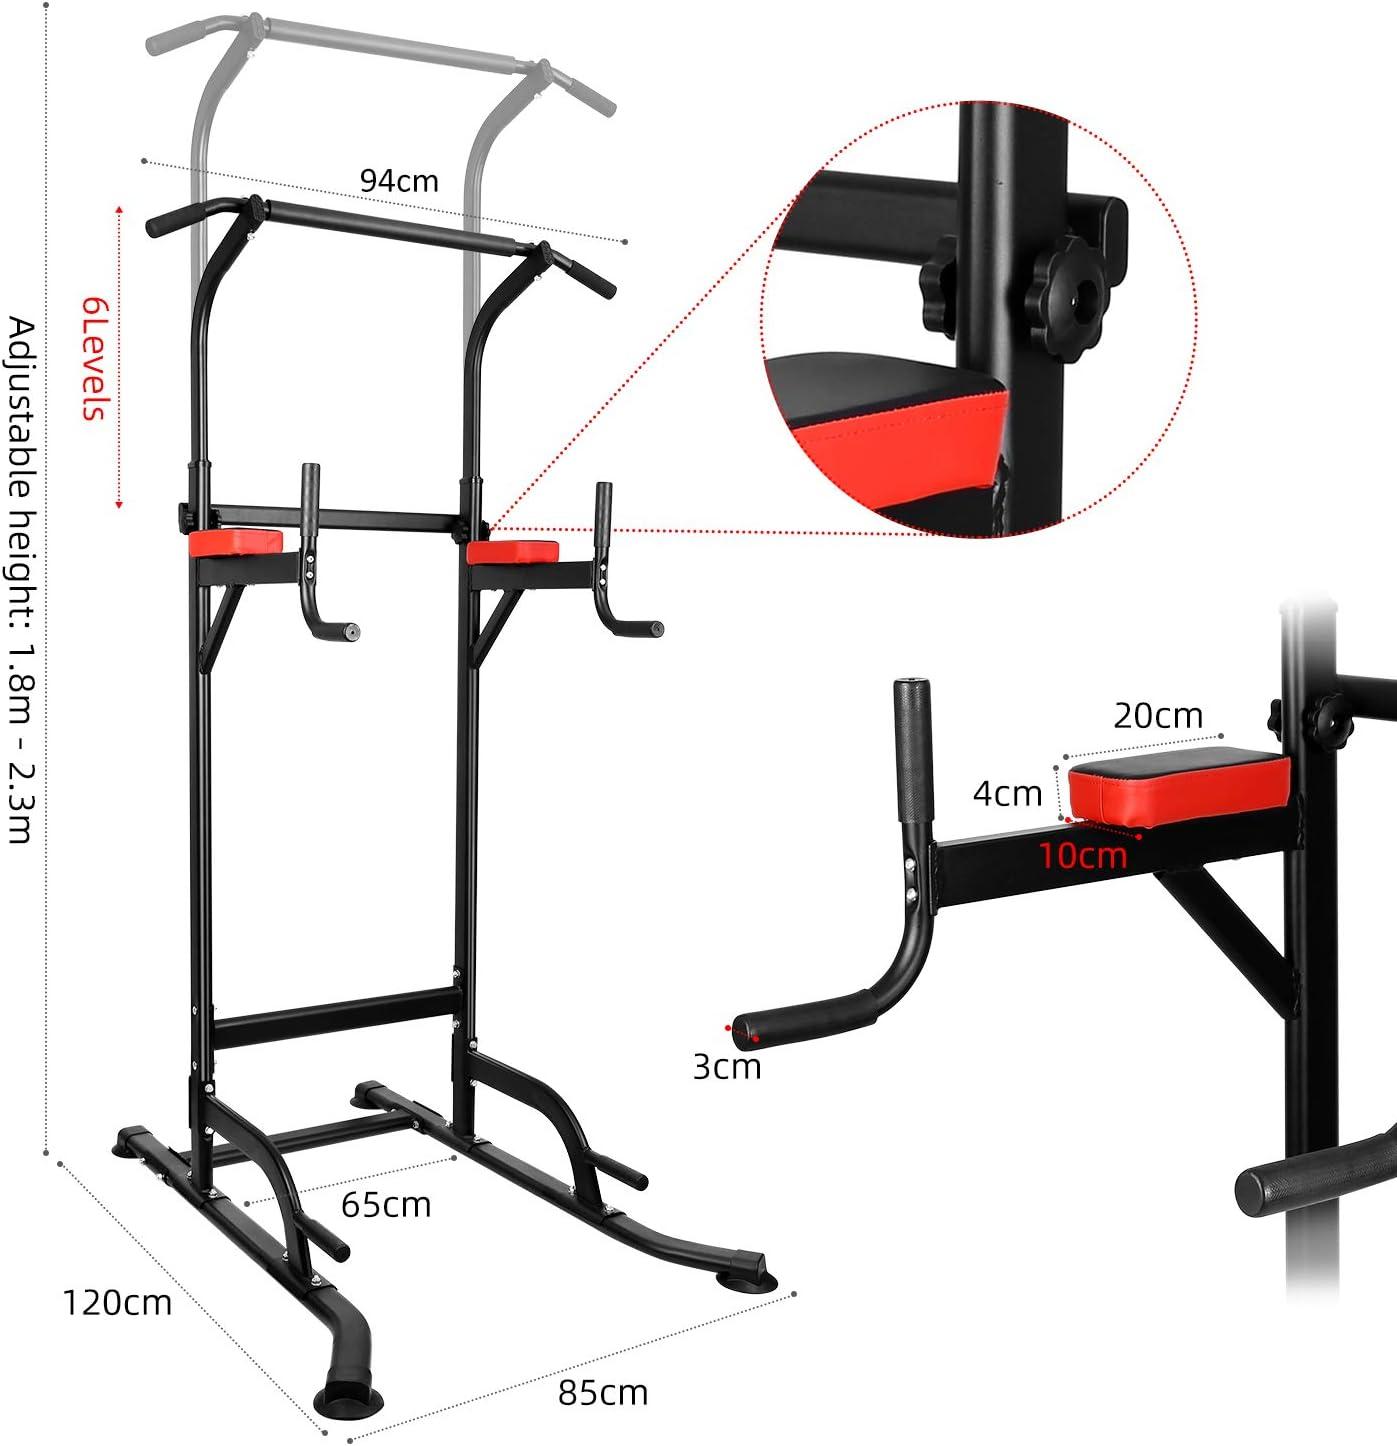 Pull-ups INTEY Chaise Romaine Dos et Triceps Gym Familiale Tour de Musculation Multifonctions Power Tower Entra/îneur pour Abdominaux Stabilit/é